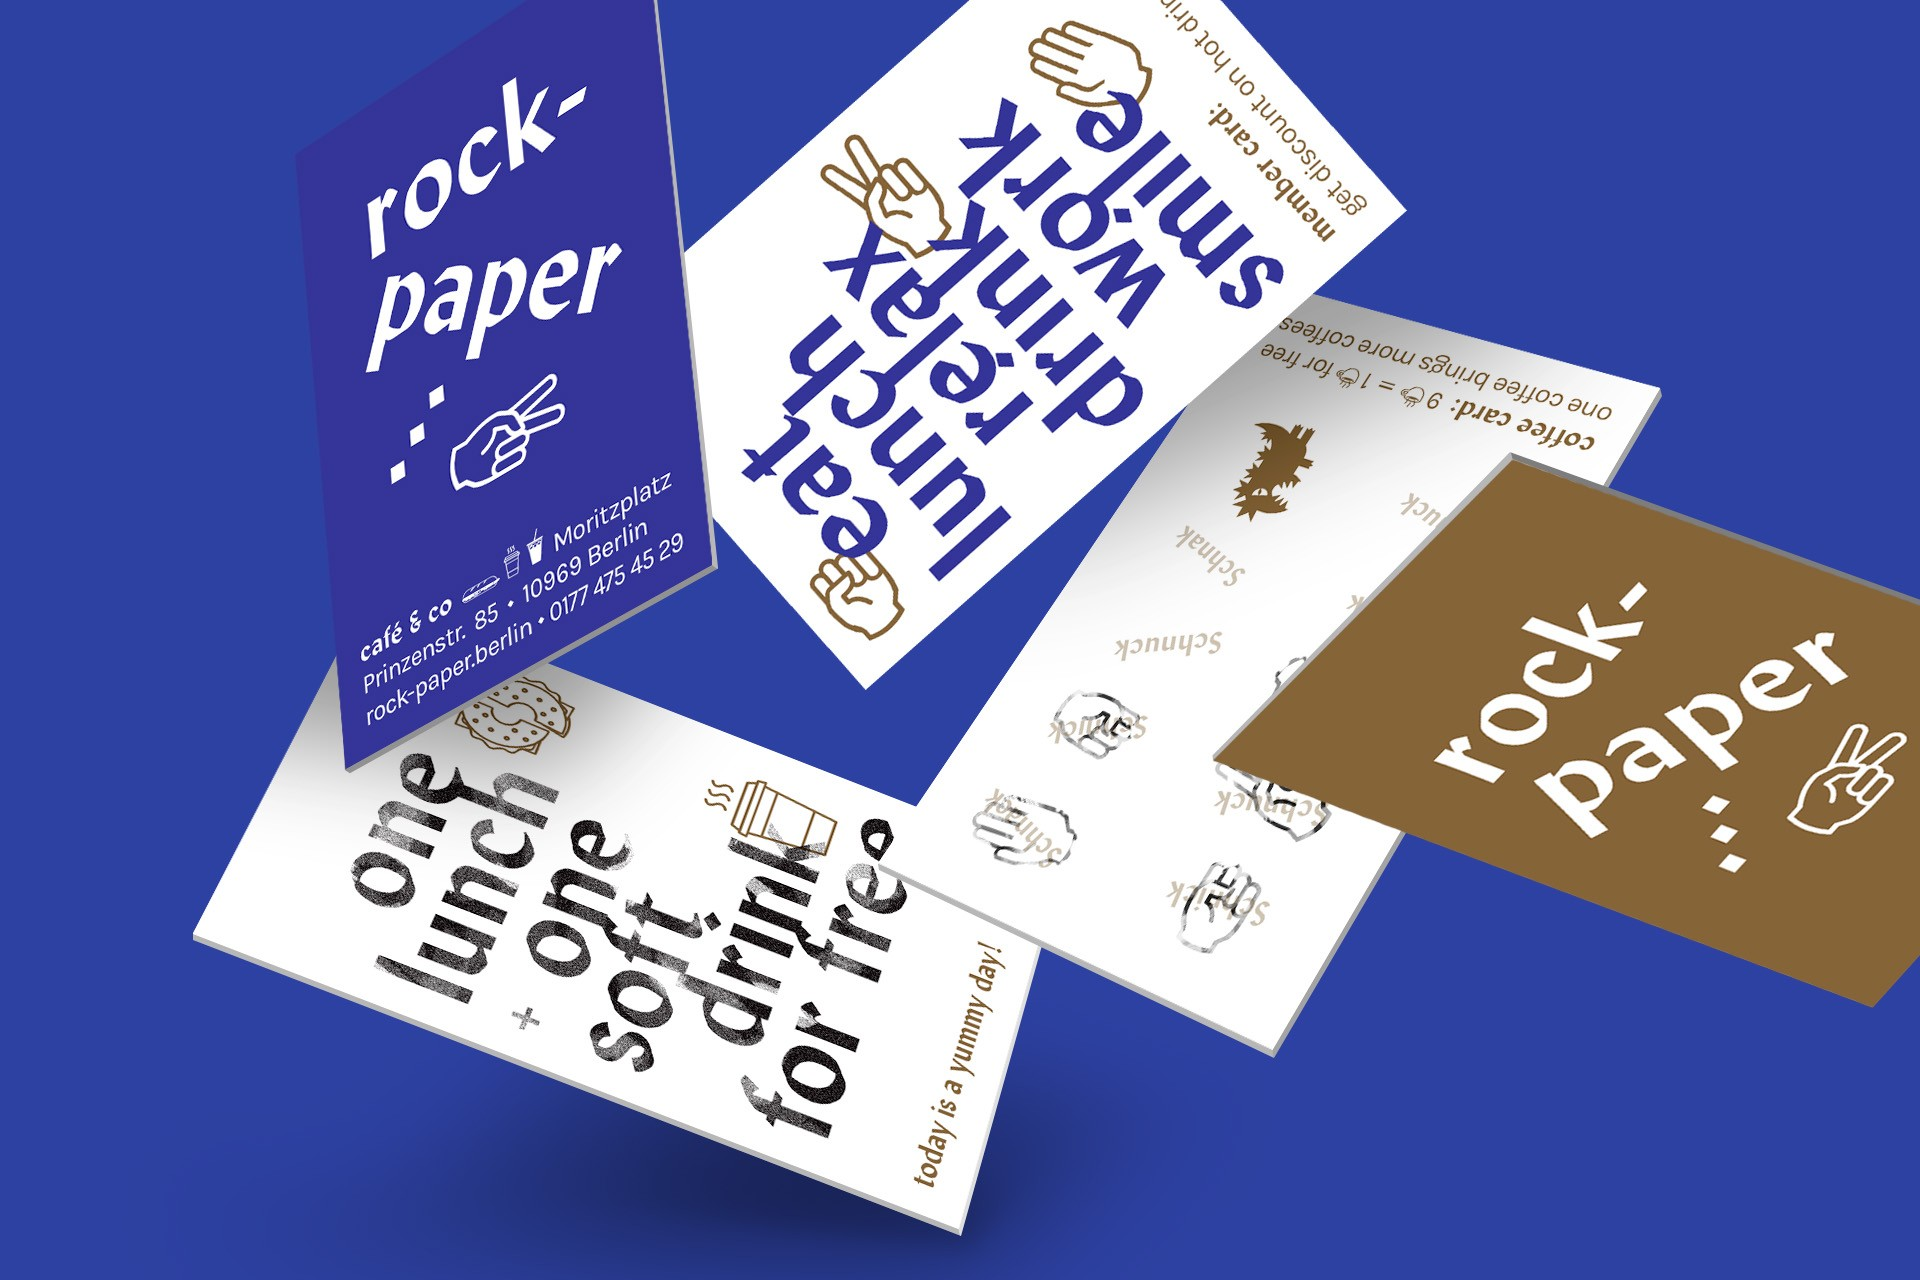 Studio Laura Knoops — Design & Art direction rock-paper